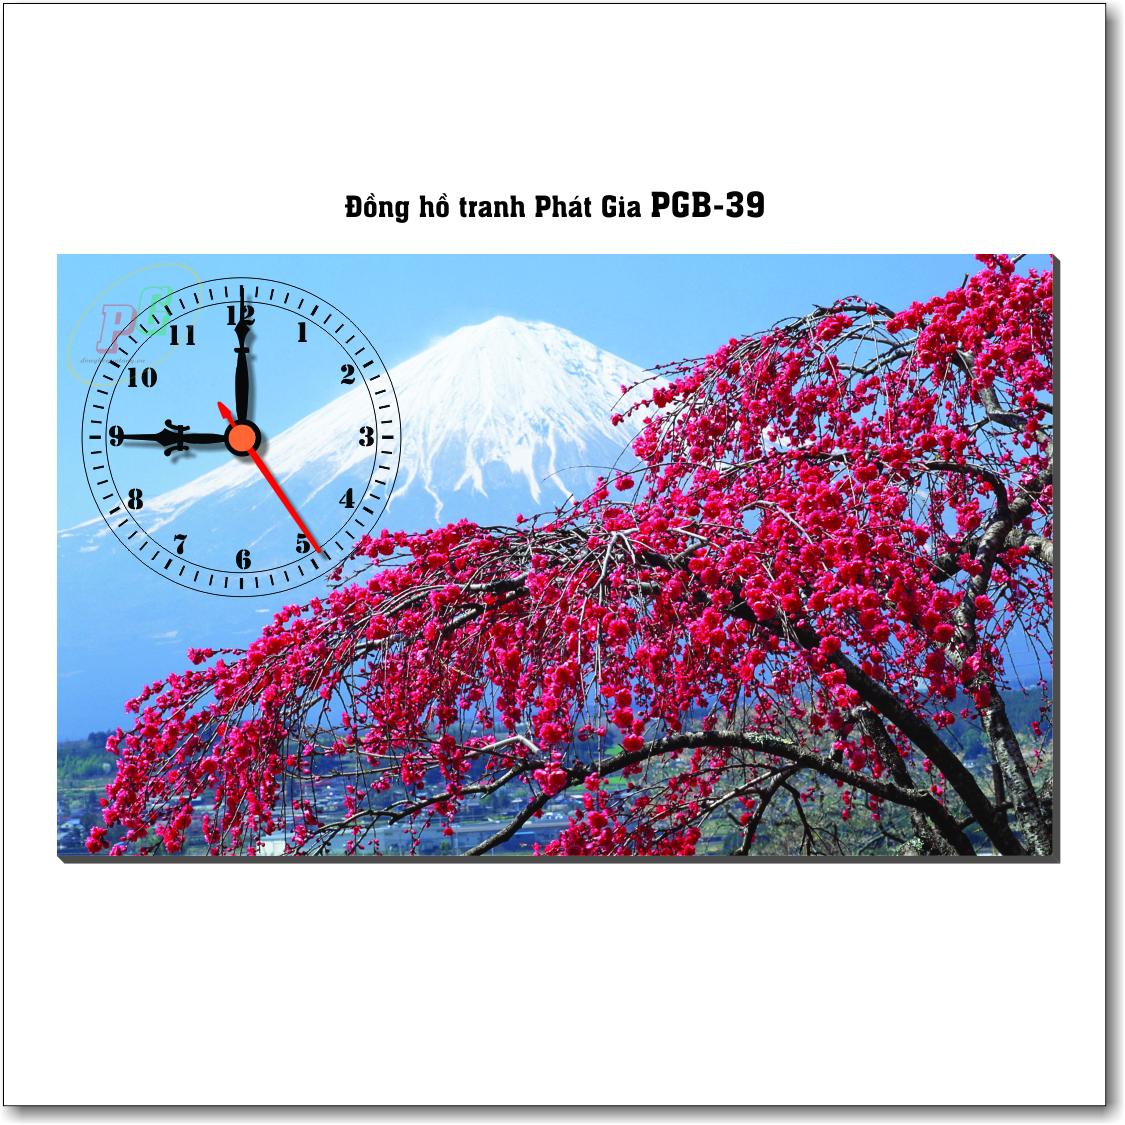 Đồng hồ tranh để bàn PGB-39